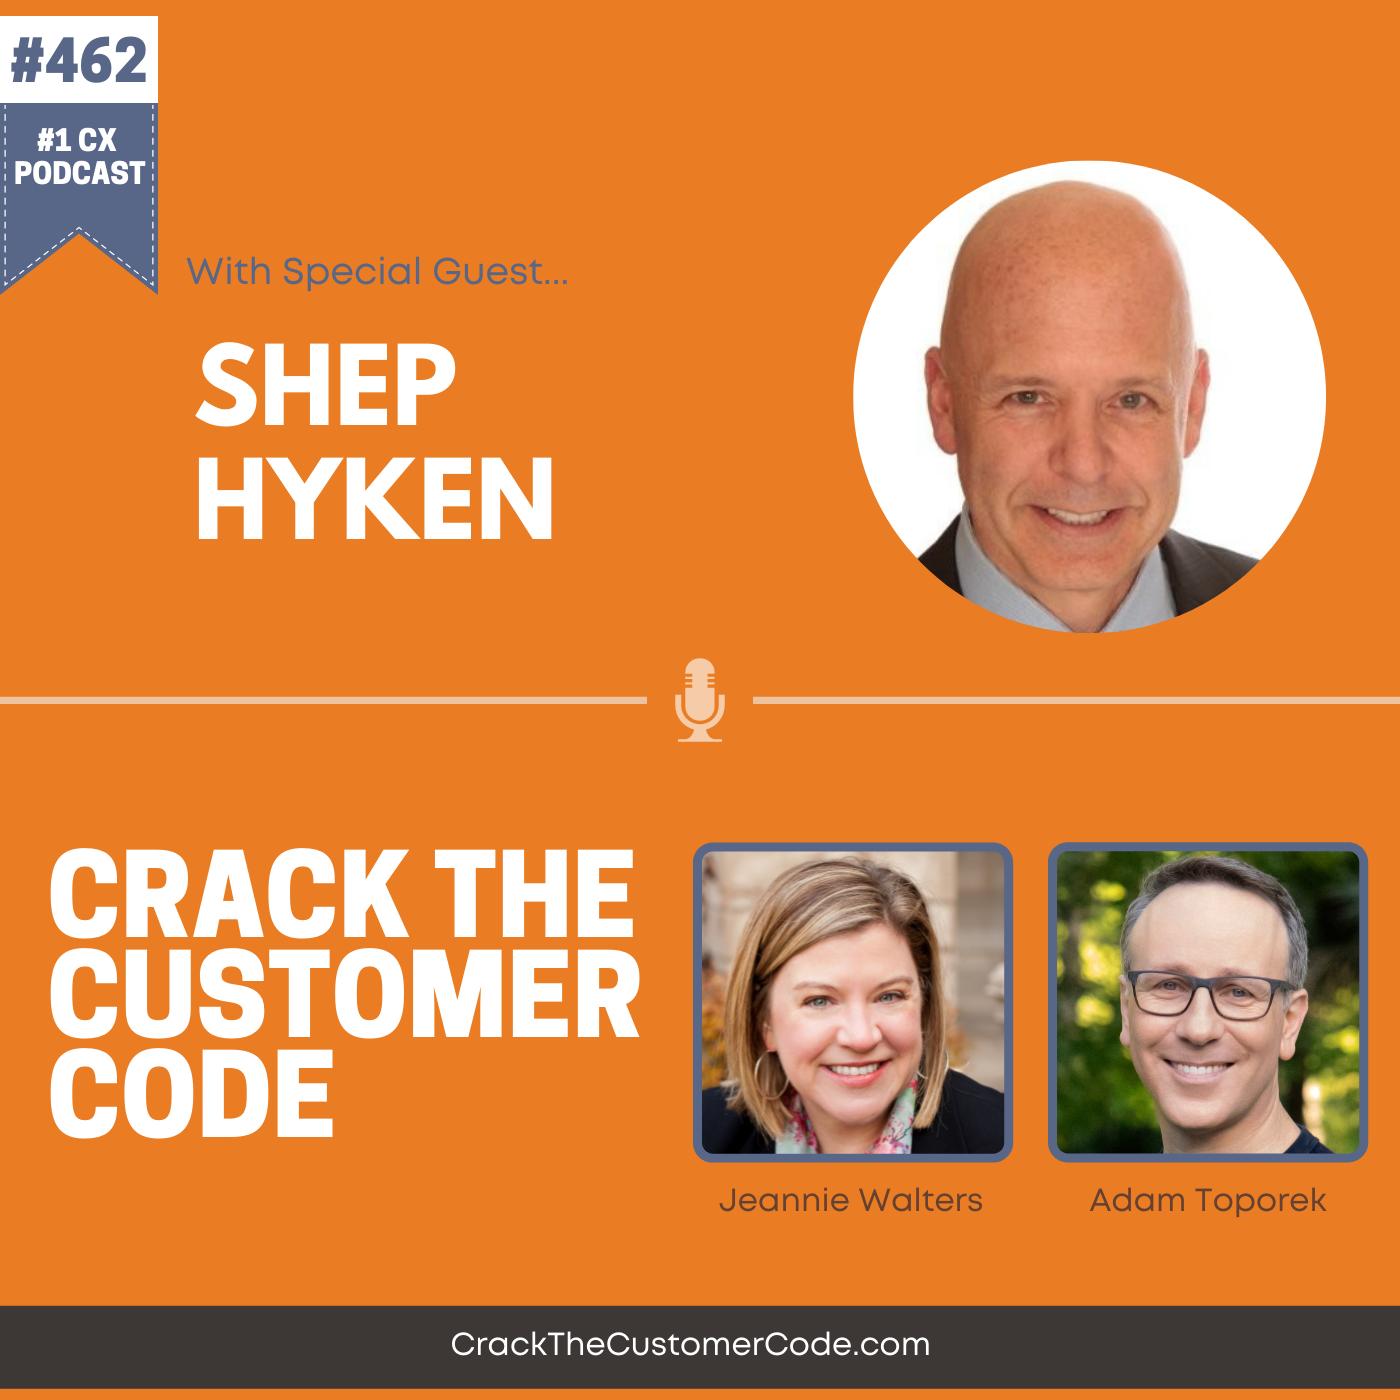 462: Shep Hyken